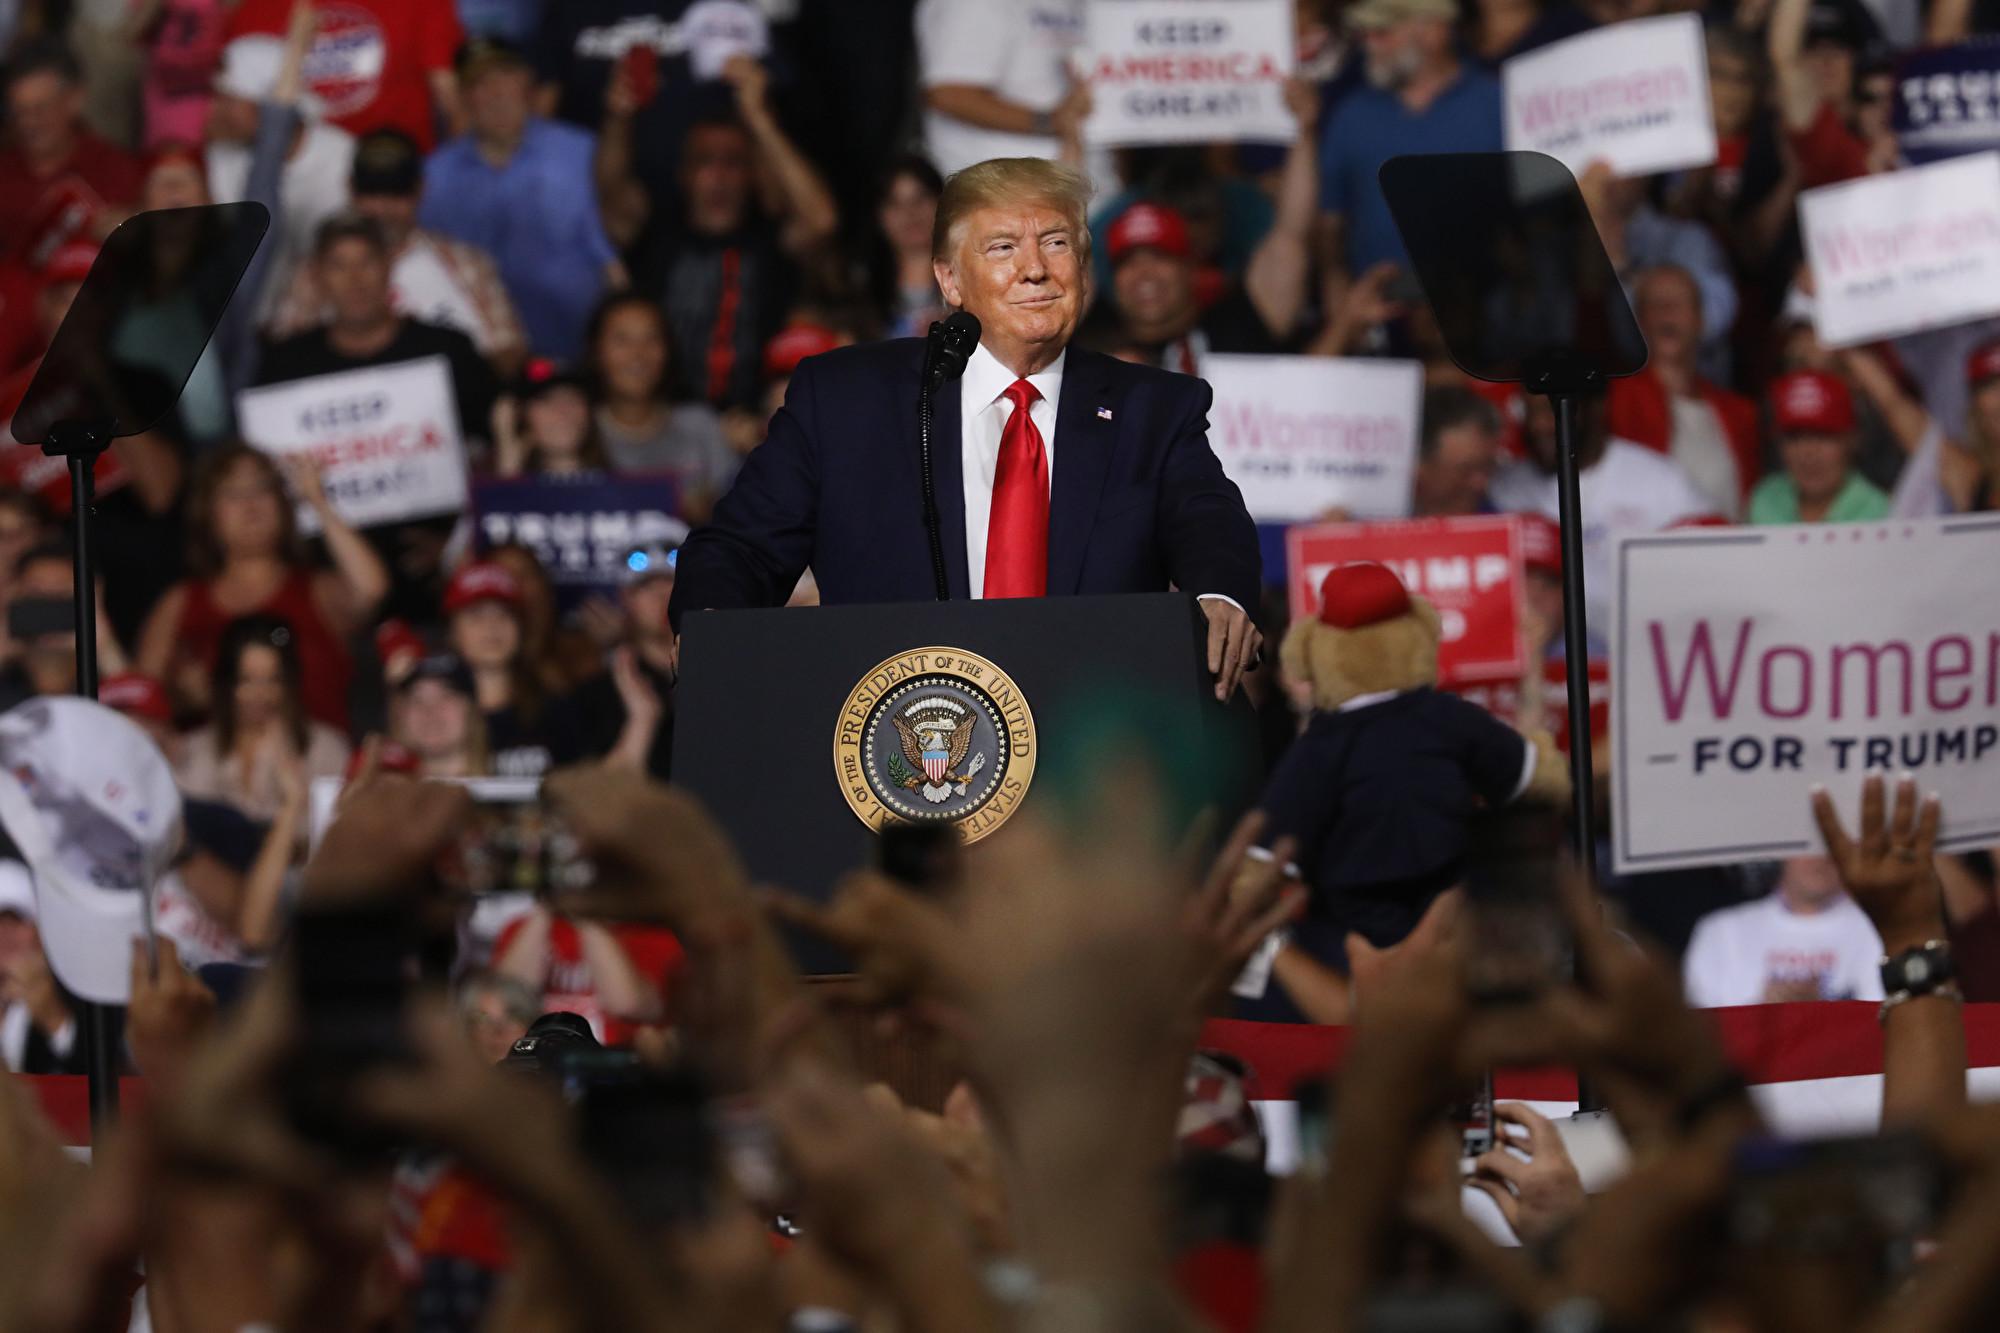 圖:2019年8月15日,新罕布什爾州曼徹斯特,美國總統特朗普在曼徹斯特的一場集會上向支持者發表講話。(Spencer Platt/Getty Images)